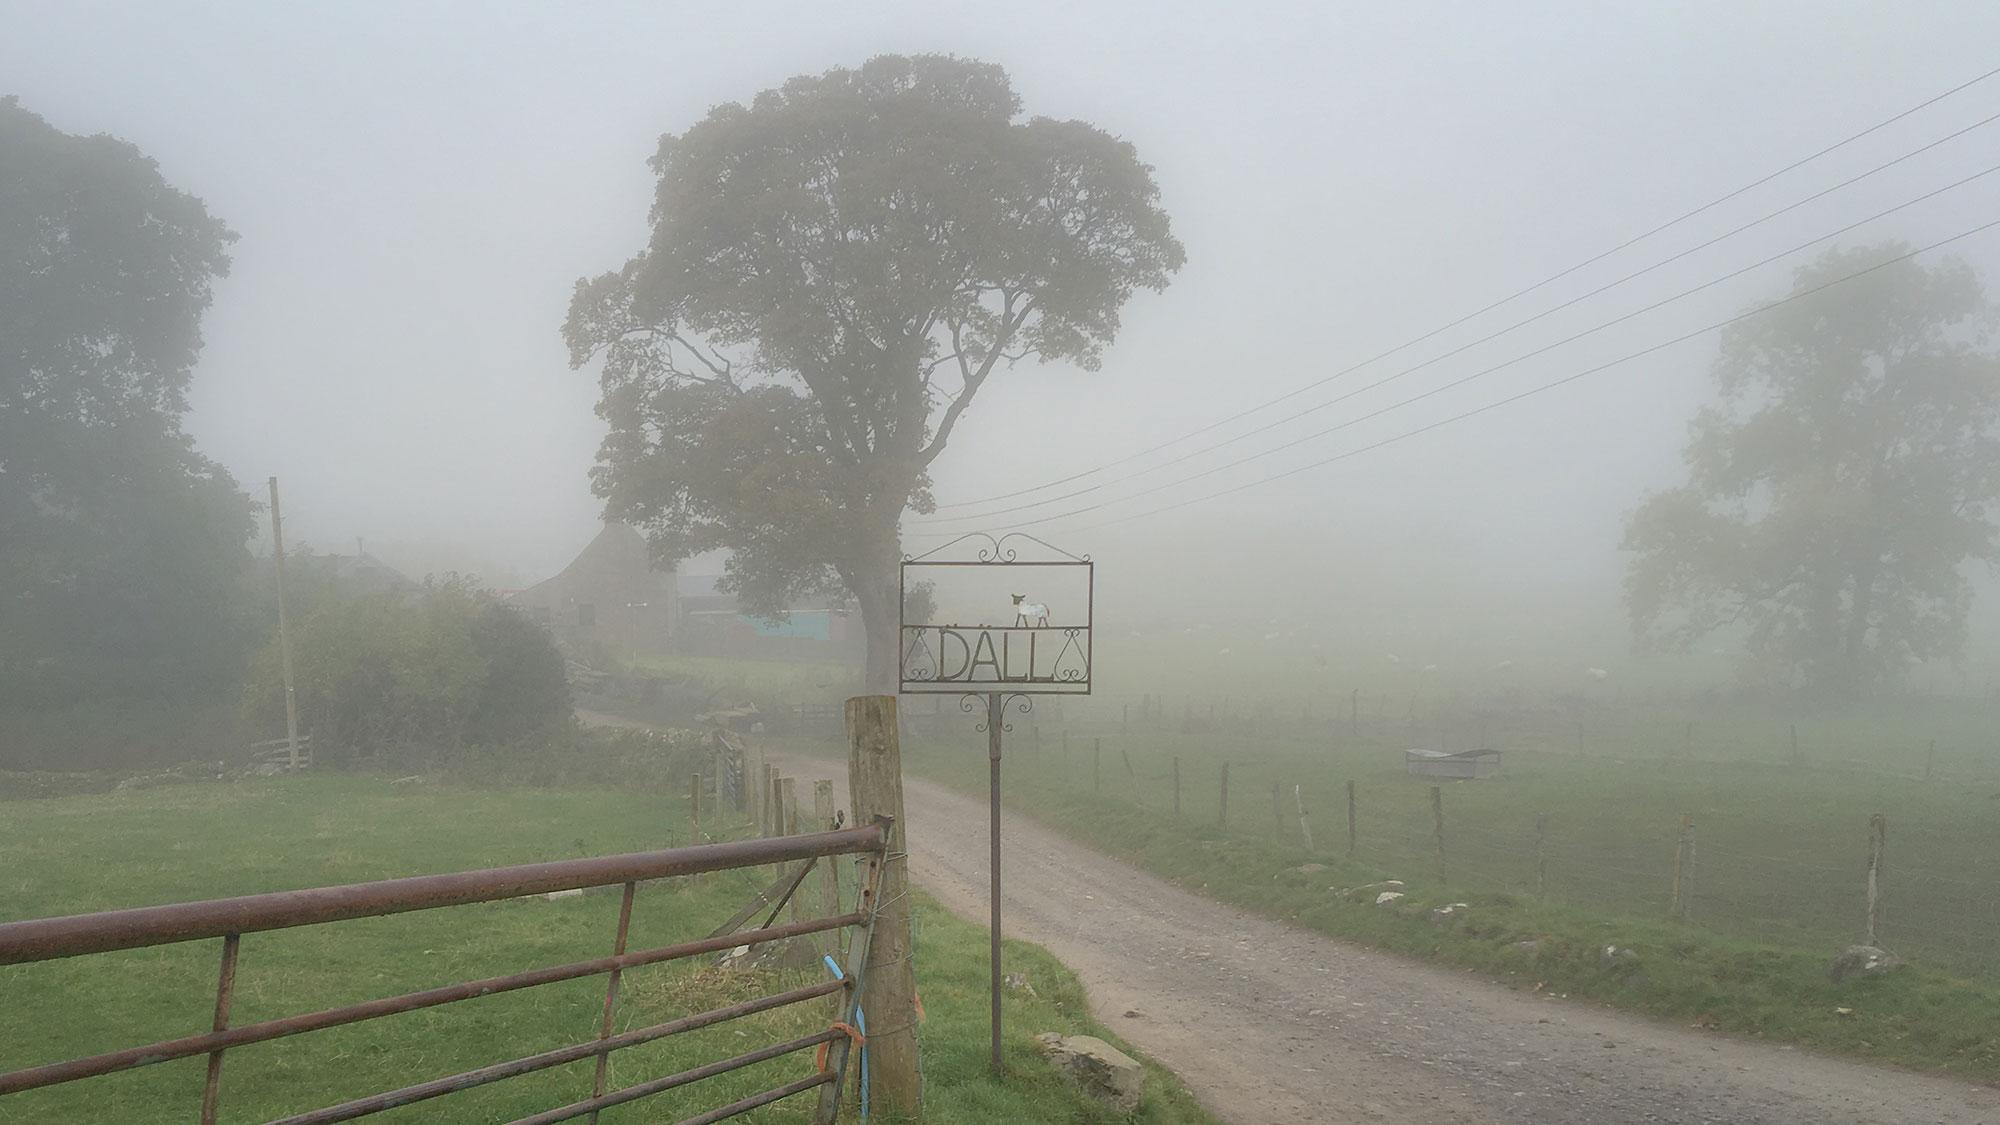 Dall Farm